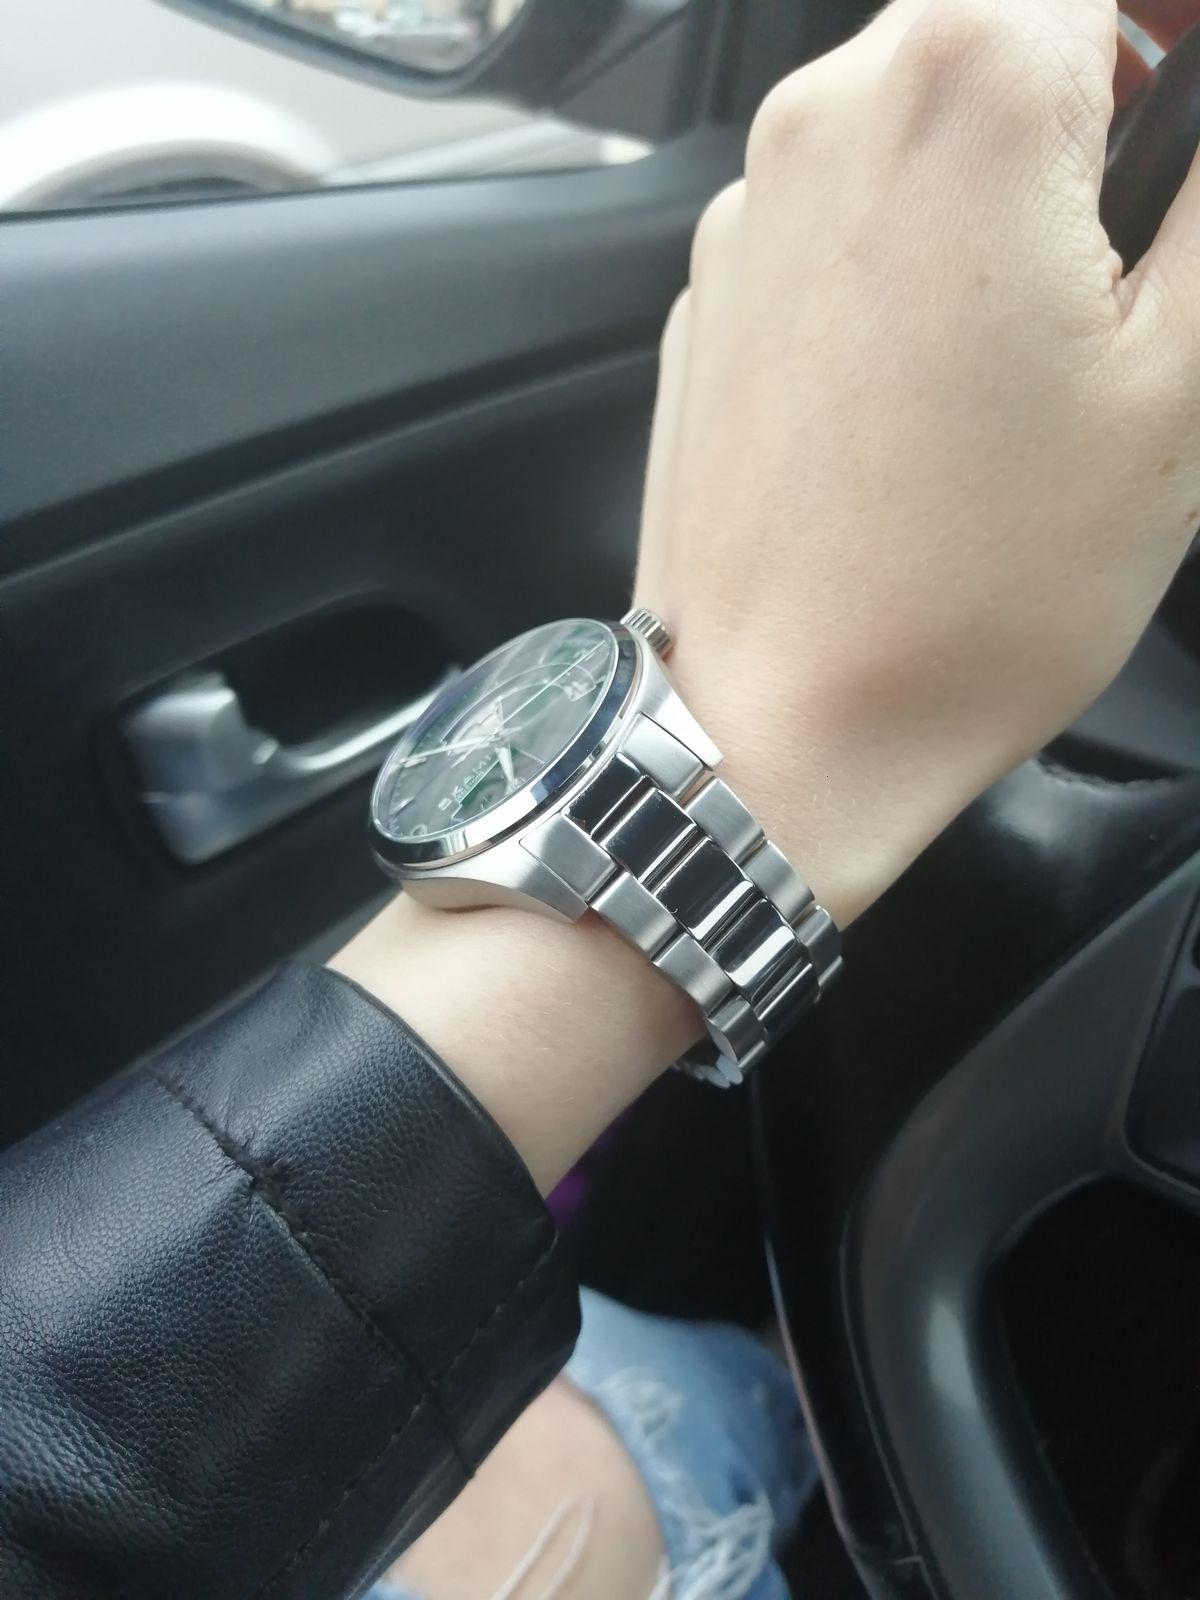 Мужские часы на женщине